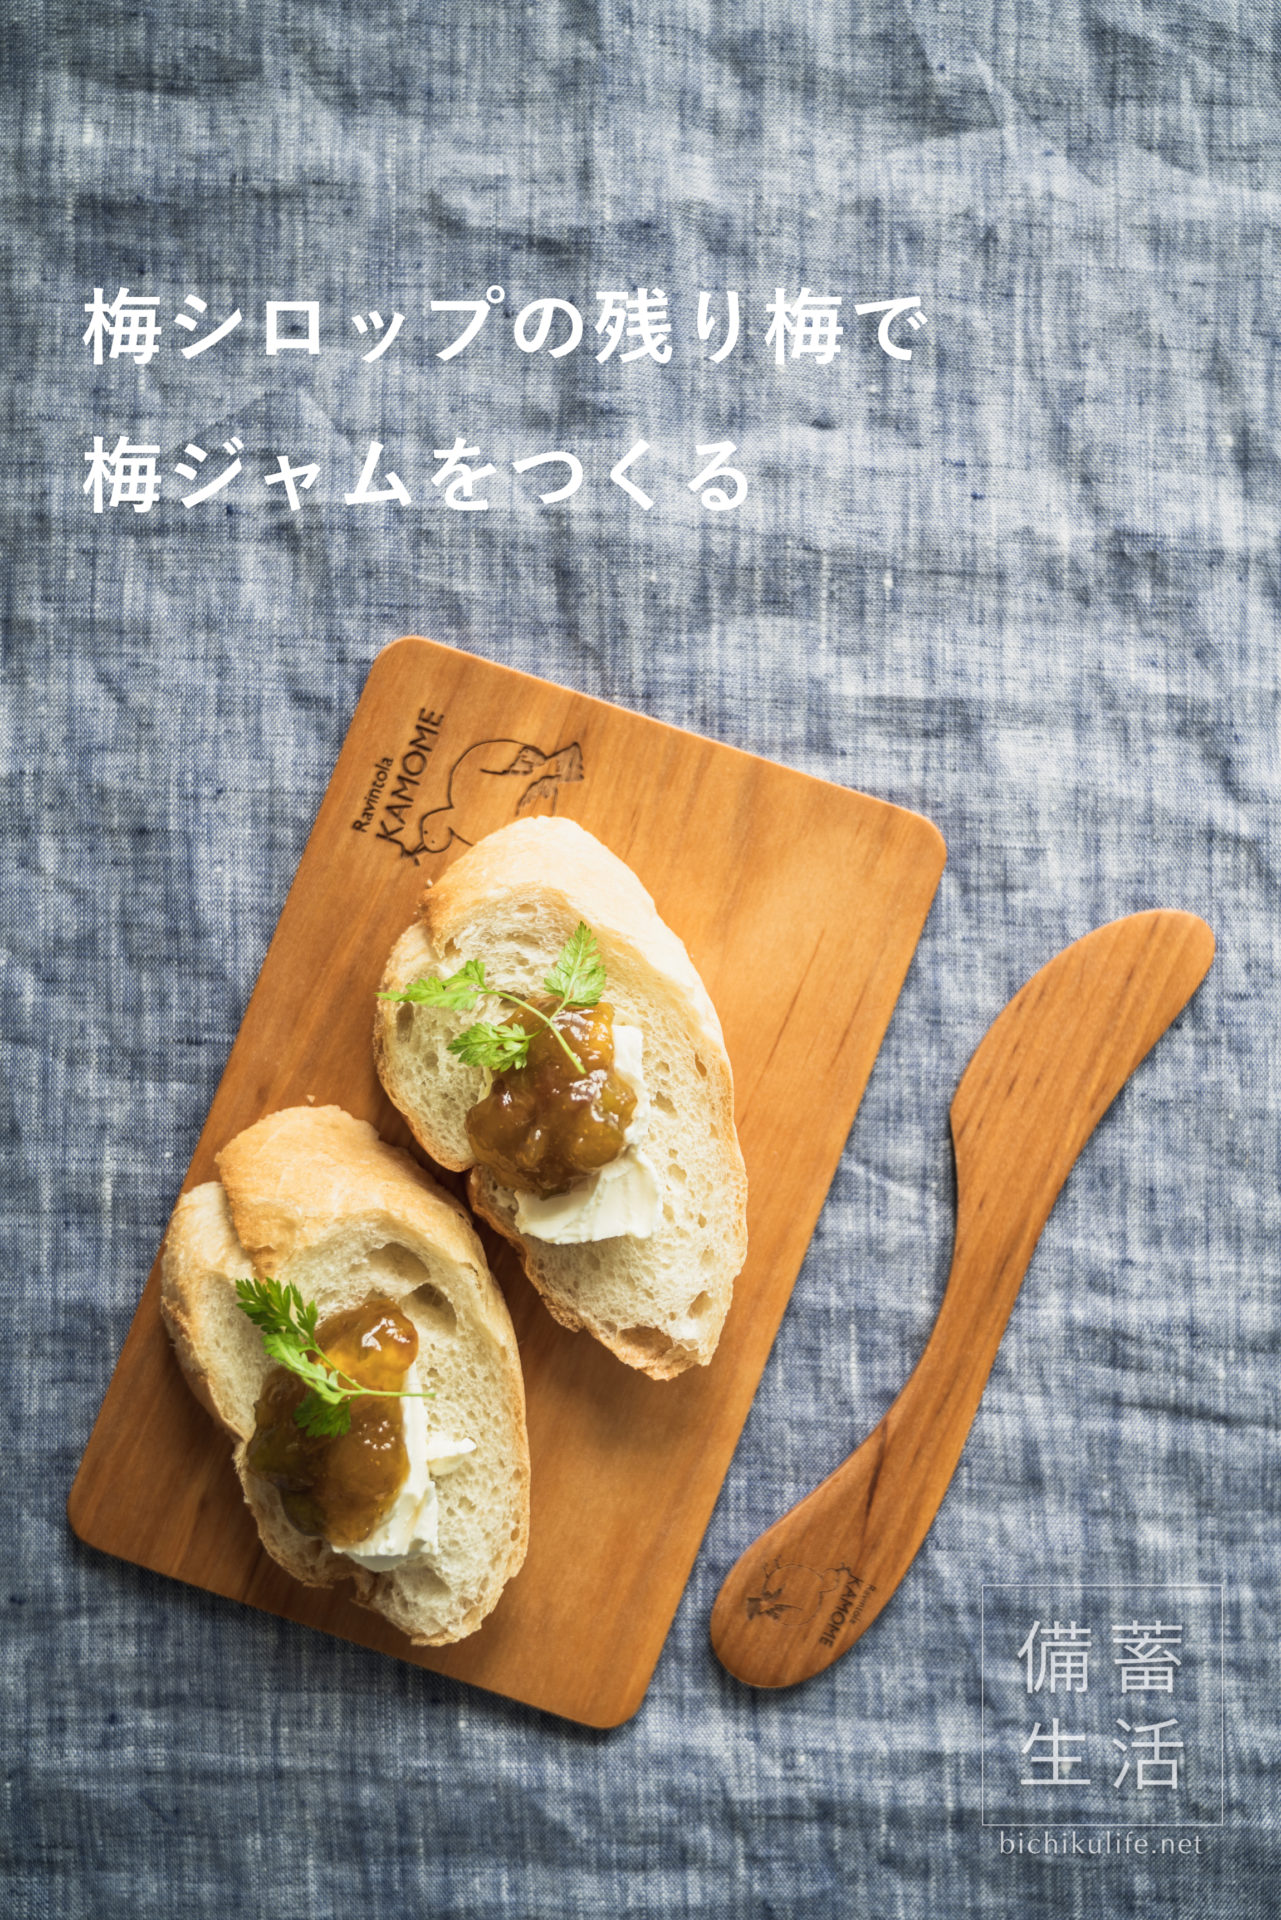 梅ジャムの作り方・レシピ(梅シロップに残った梅で作る)